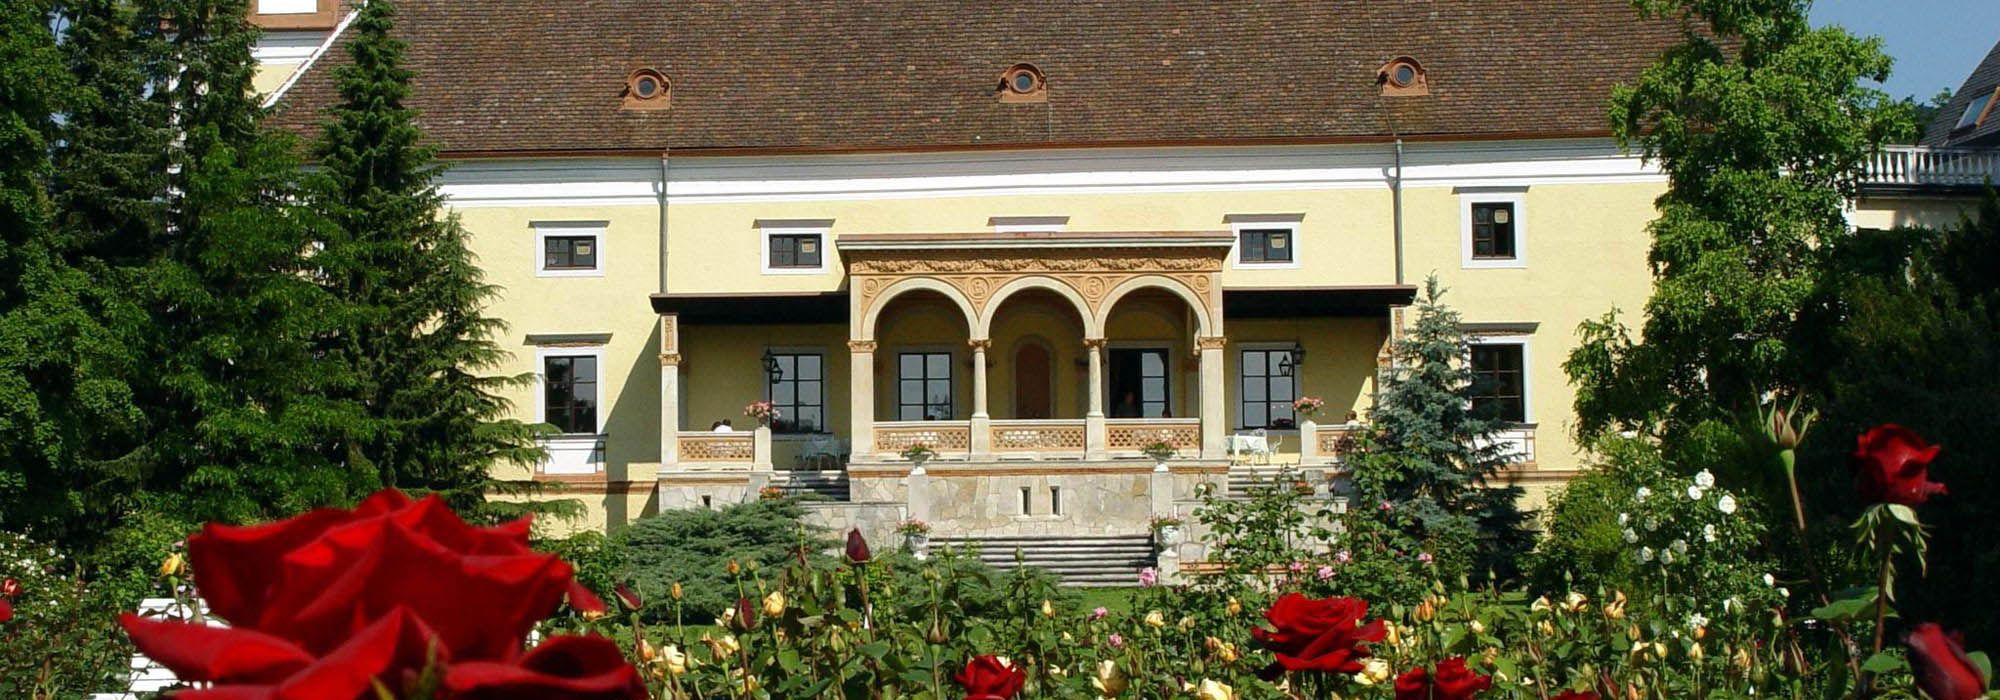 Hotel Schloss Weikersdorf 4 Schlosshotel In Baden